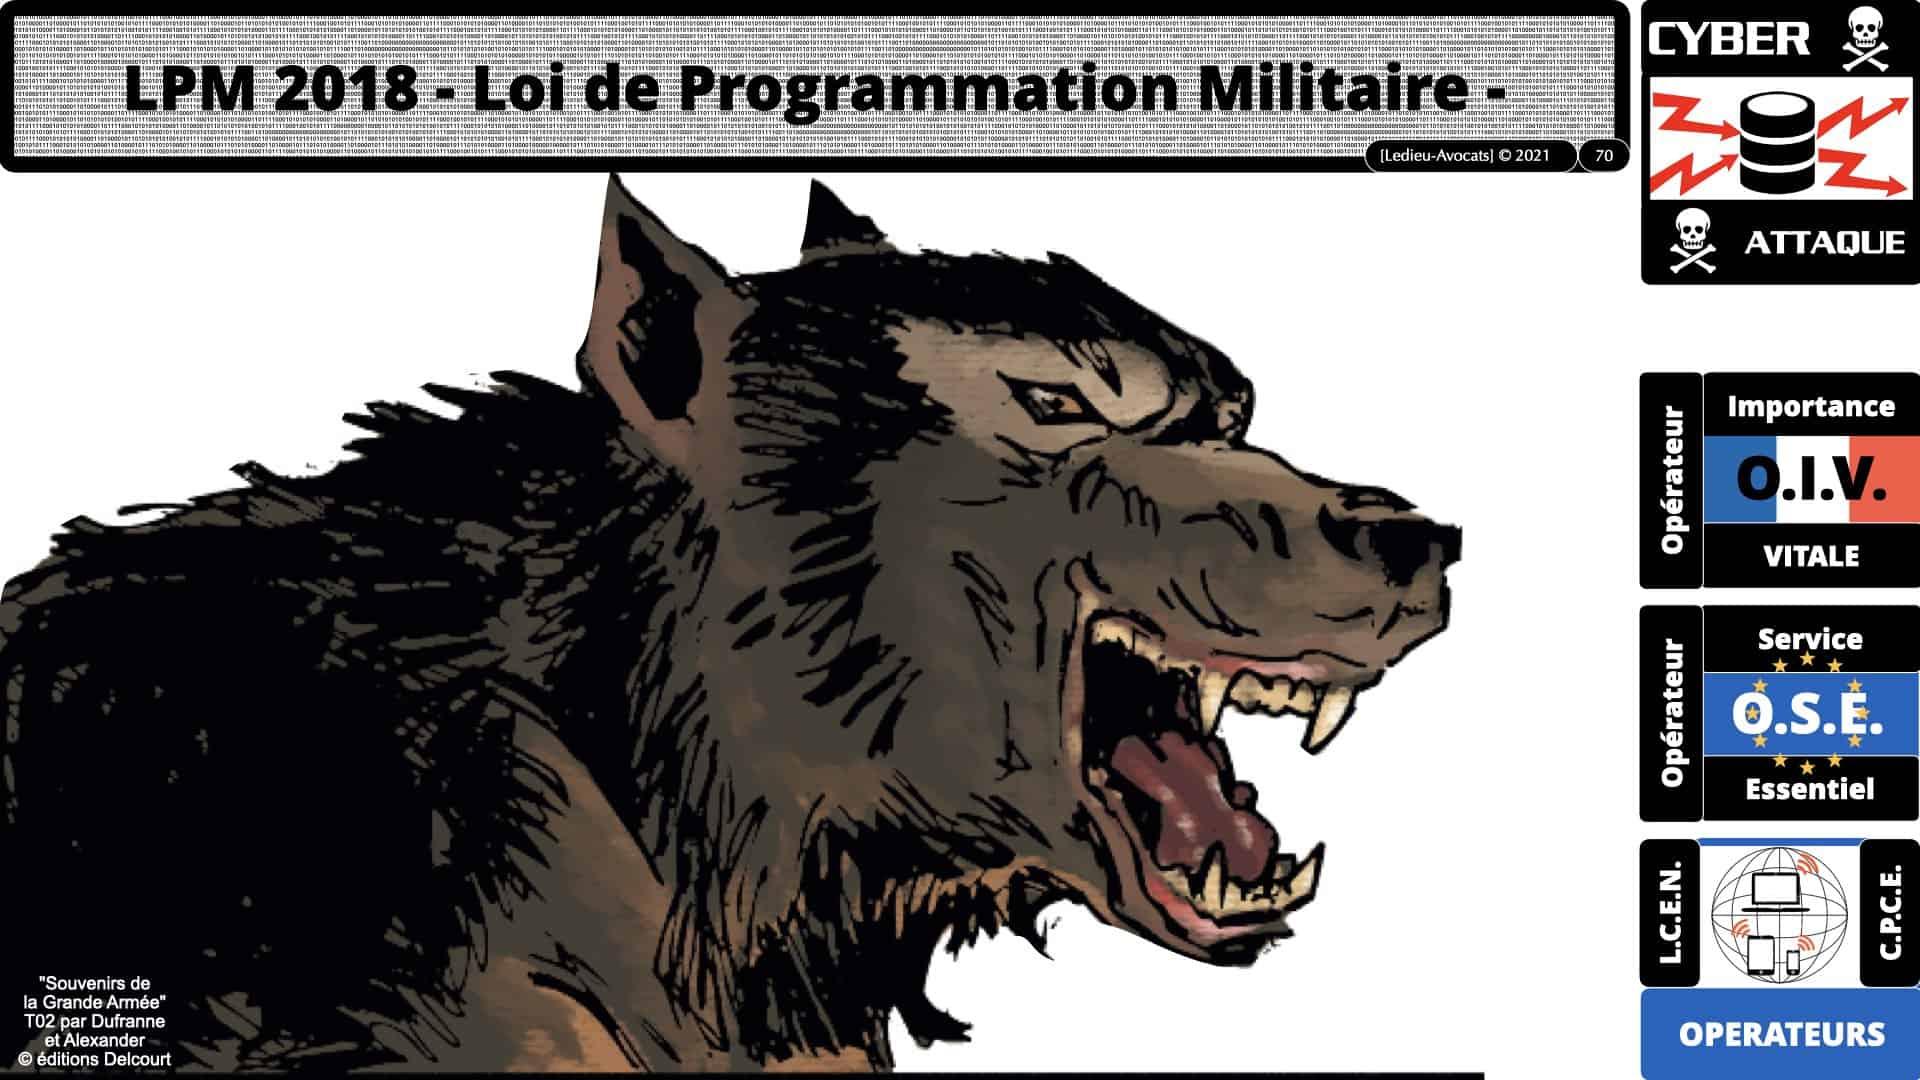 330 CYBER ATTAQUE © Ledieu-Avocats 09-03-2021.070